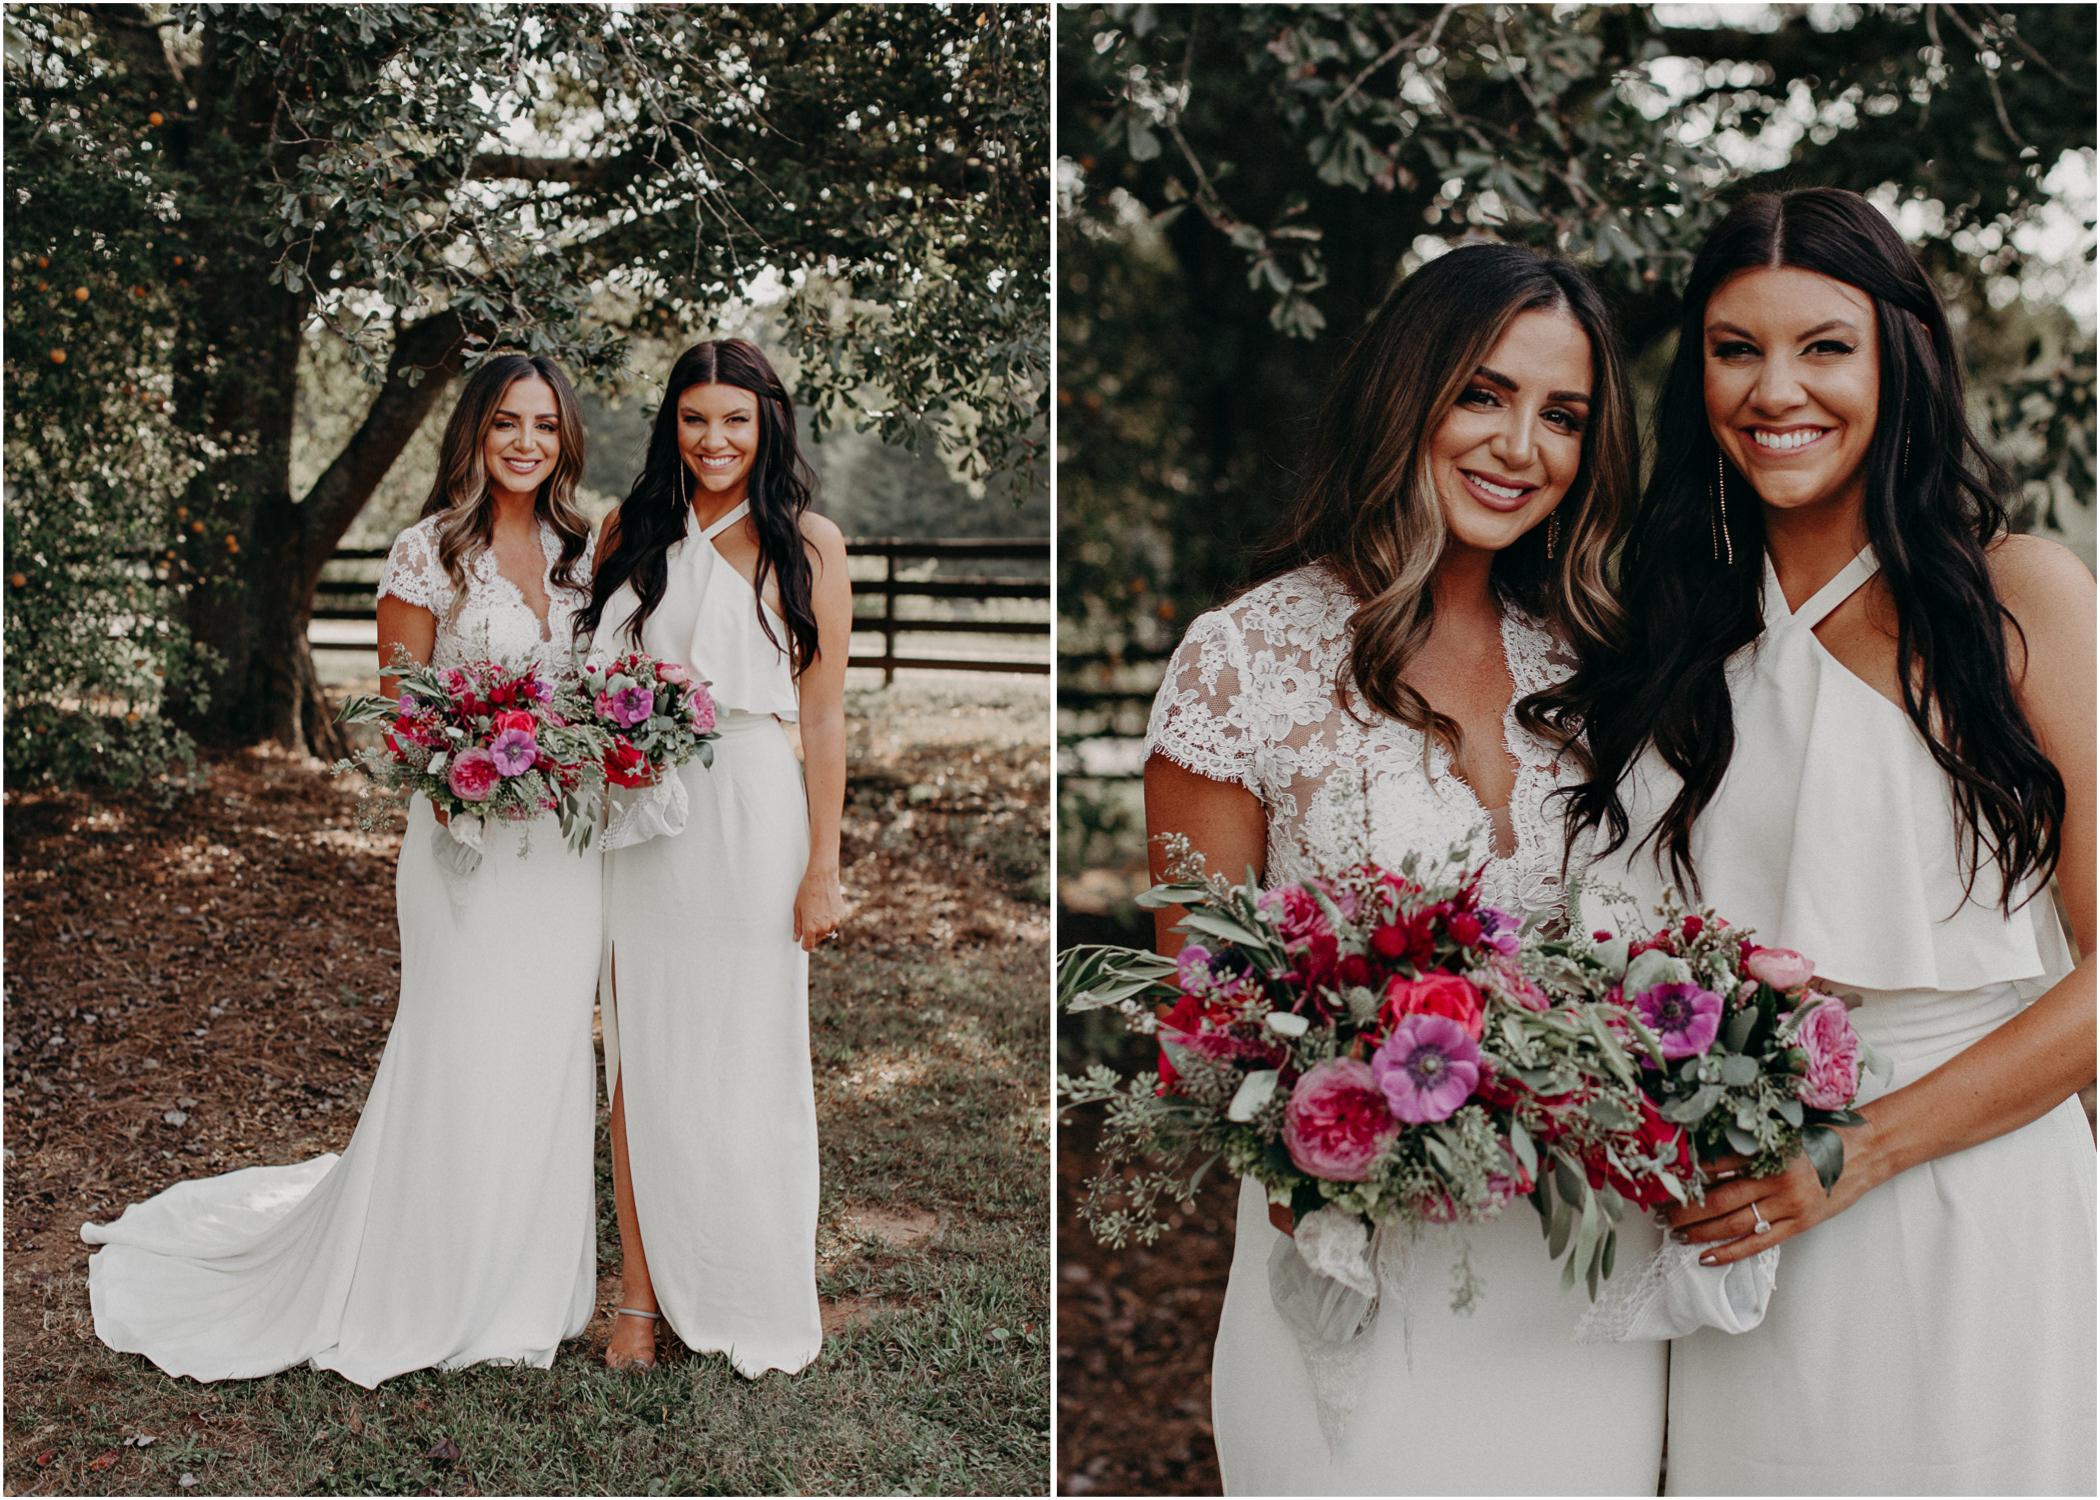 43 - wedding dress, bridesmaids, bouquet - bride getting ready wedding seranbi farms atlanta .jpg